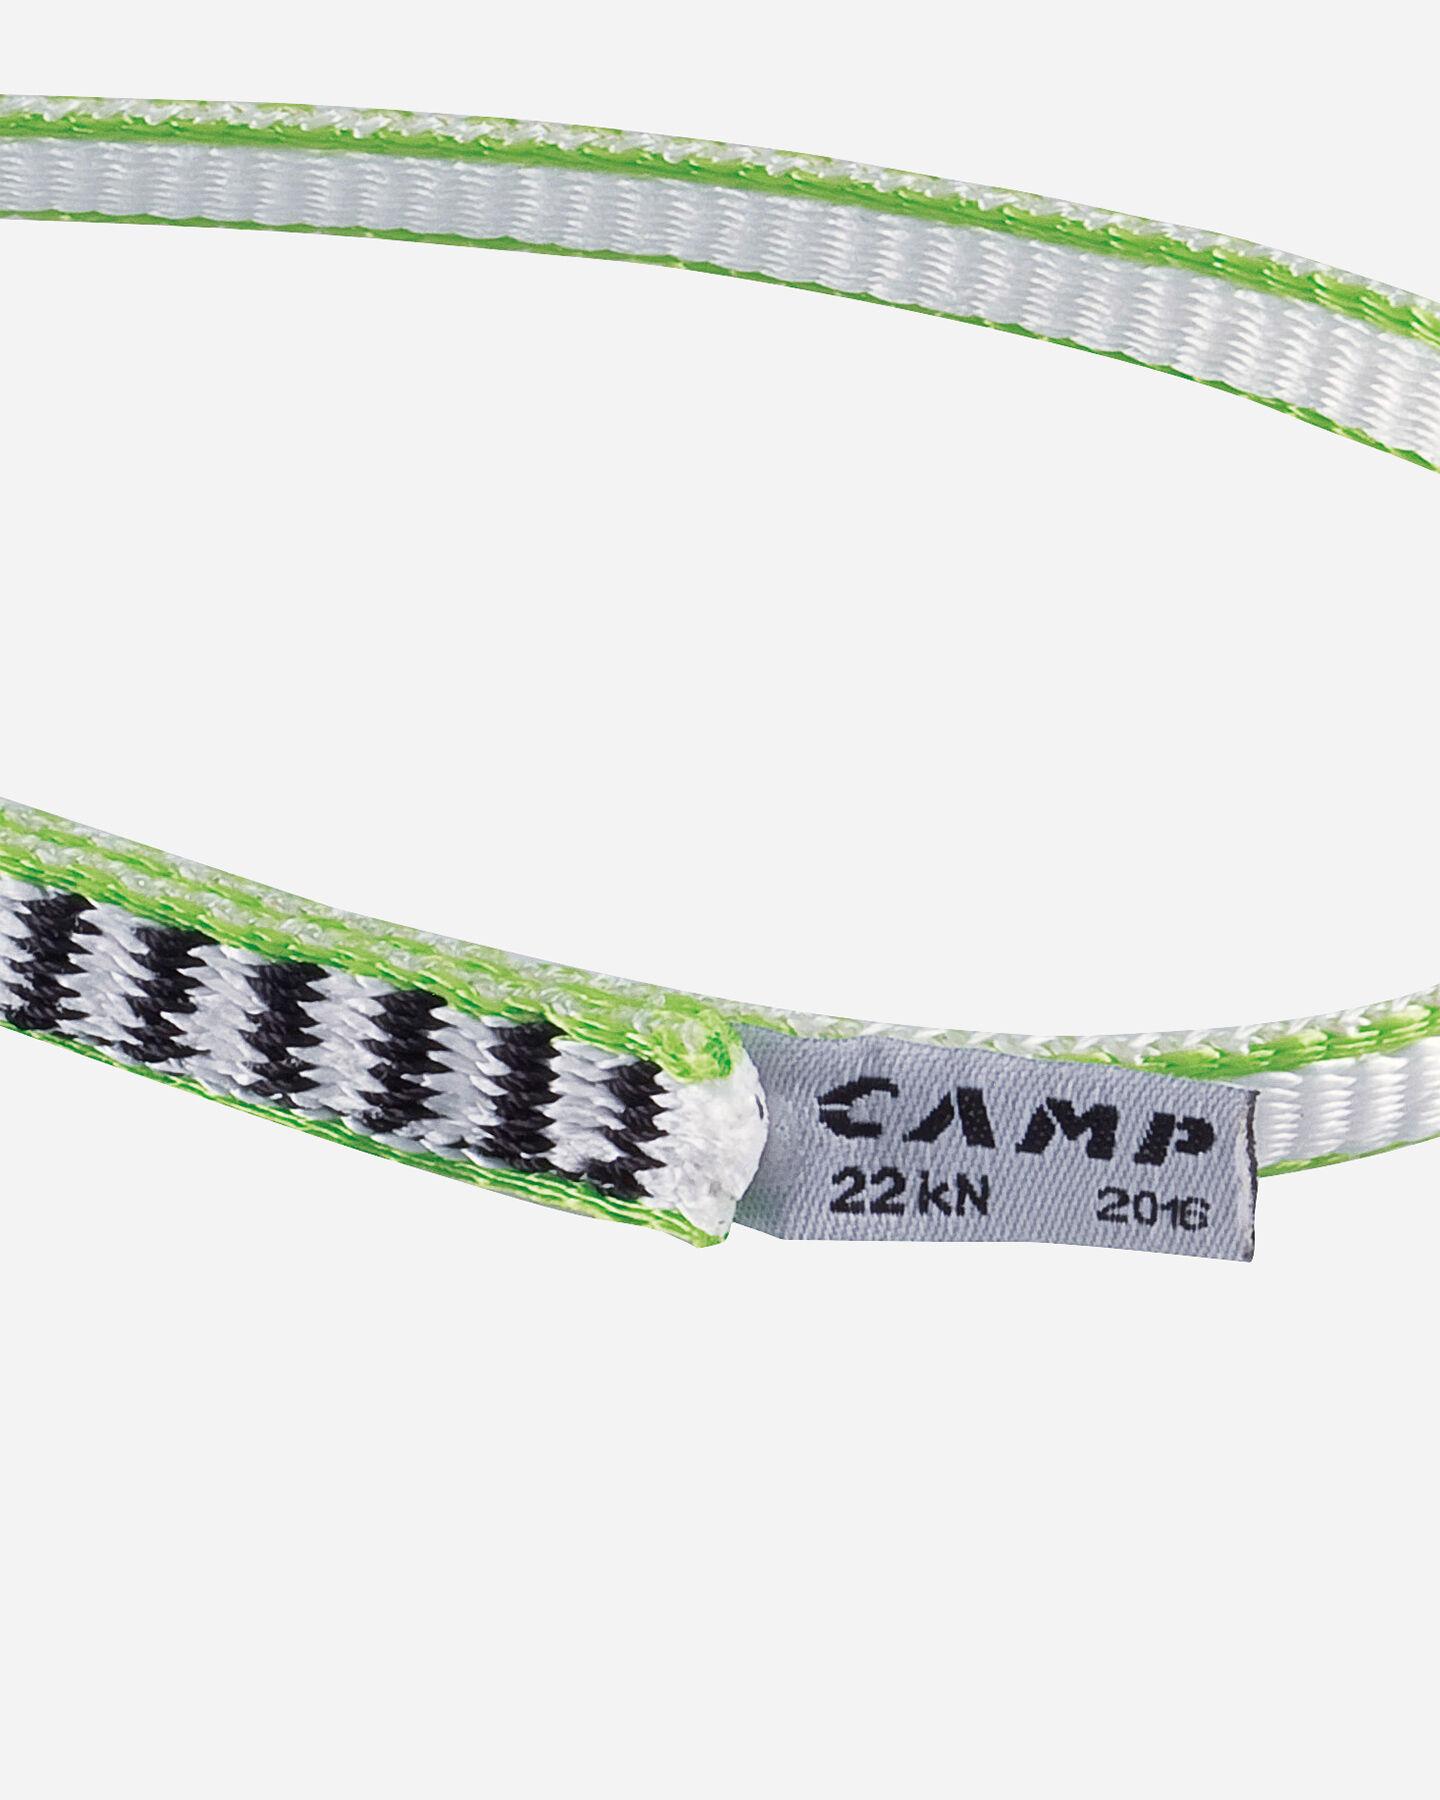 Accessorio arrampicata CAMP ANELLO CAMP EXPRESS DY 11X120 1349.120 S1260895 9999 UNI scatto 1